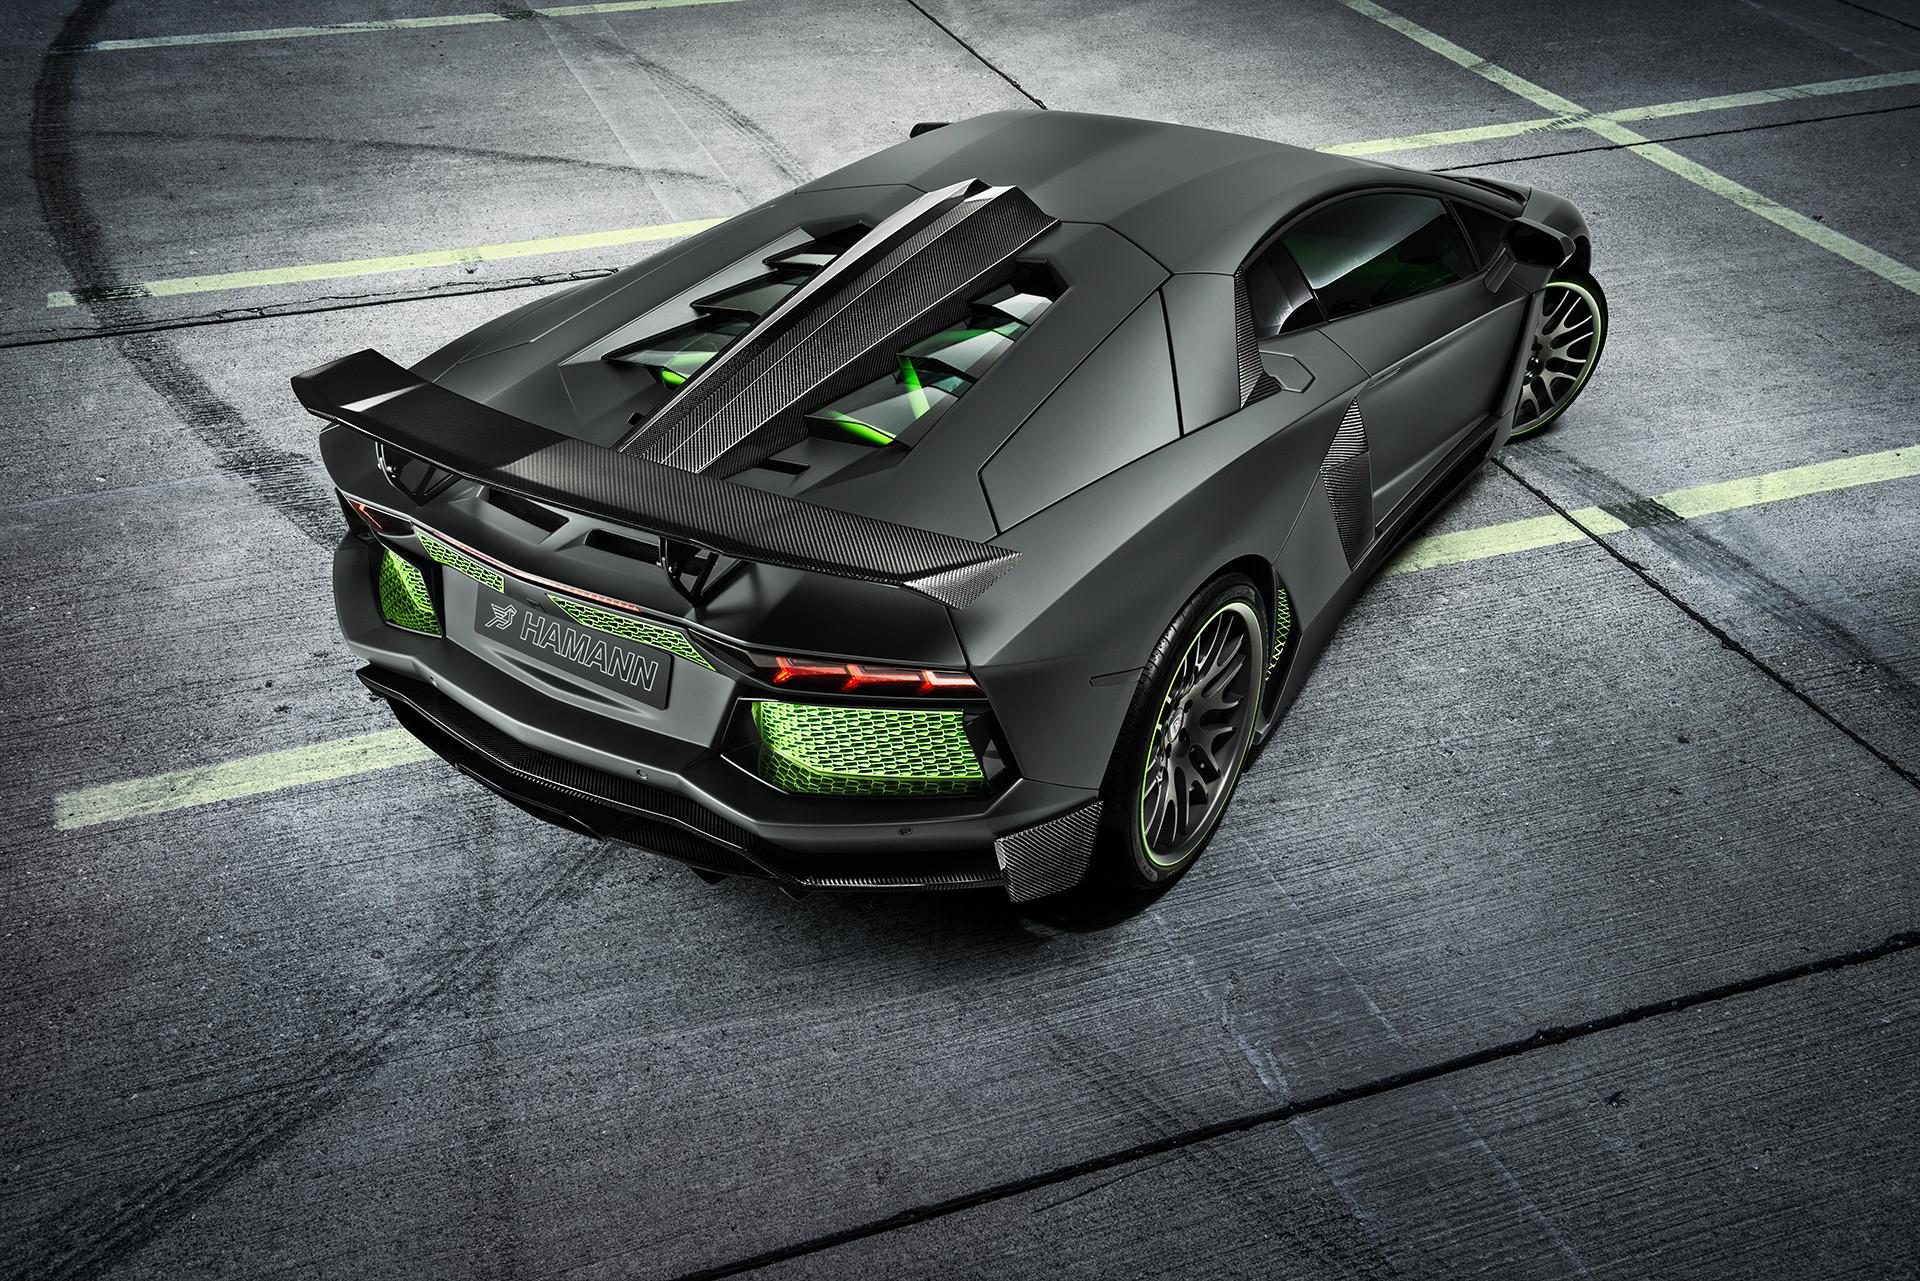 Hamann_Lamborghini_01.jpg